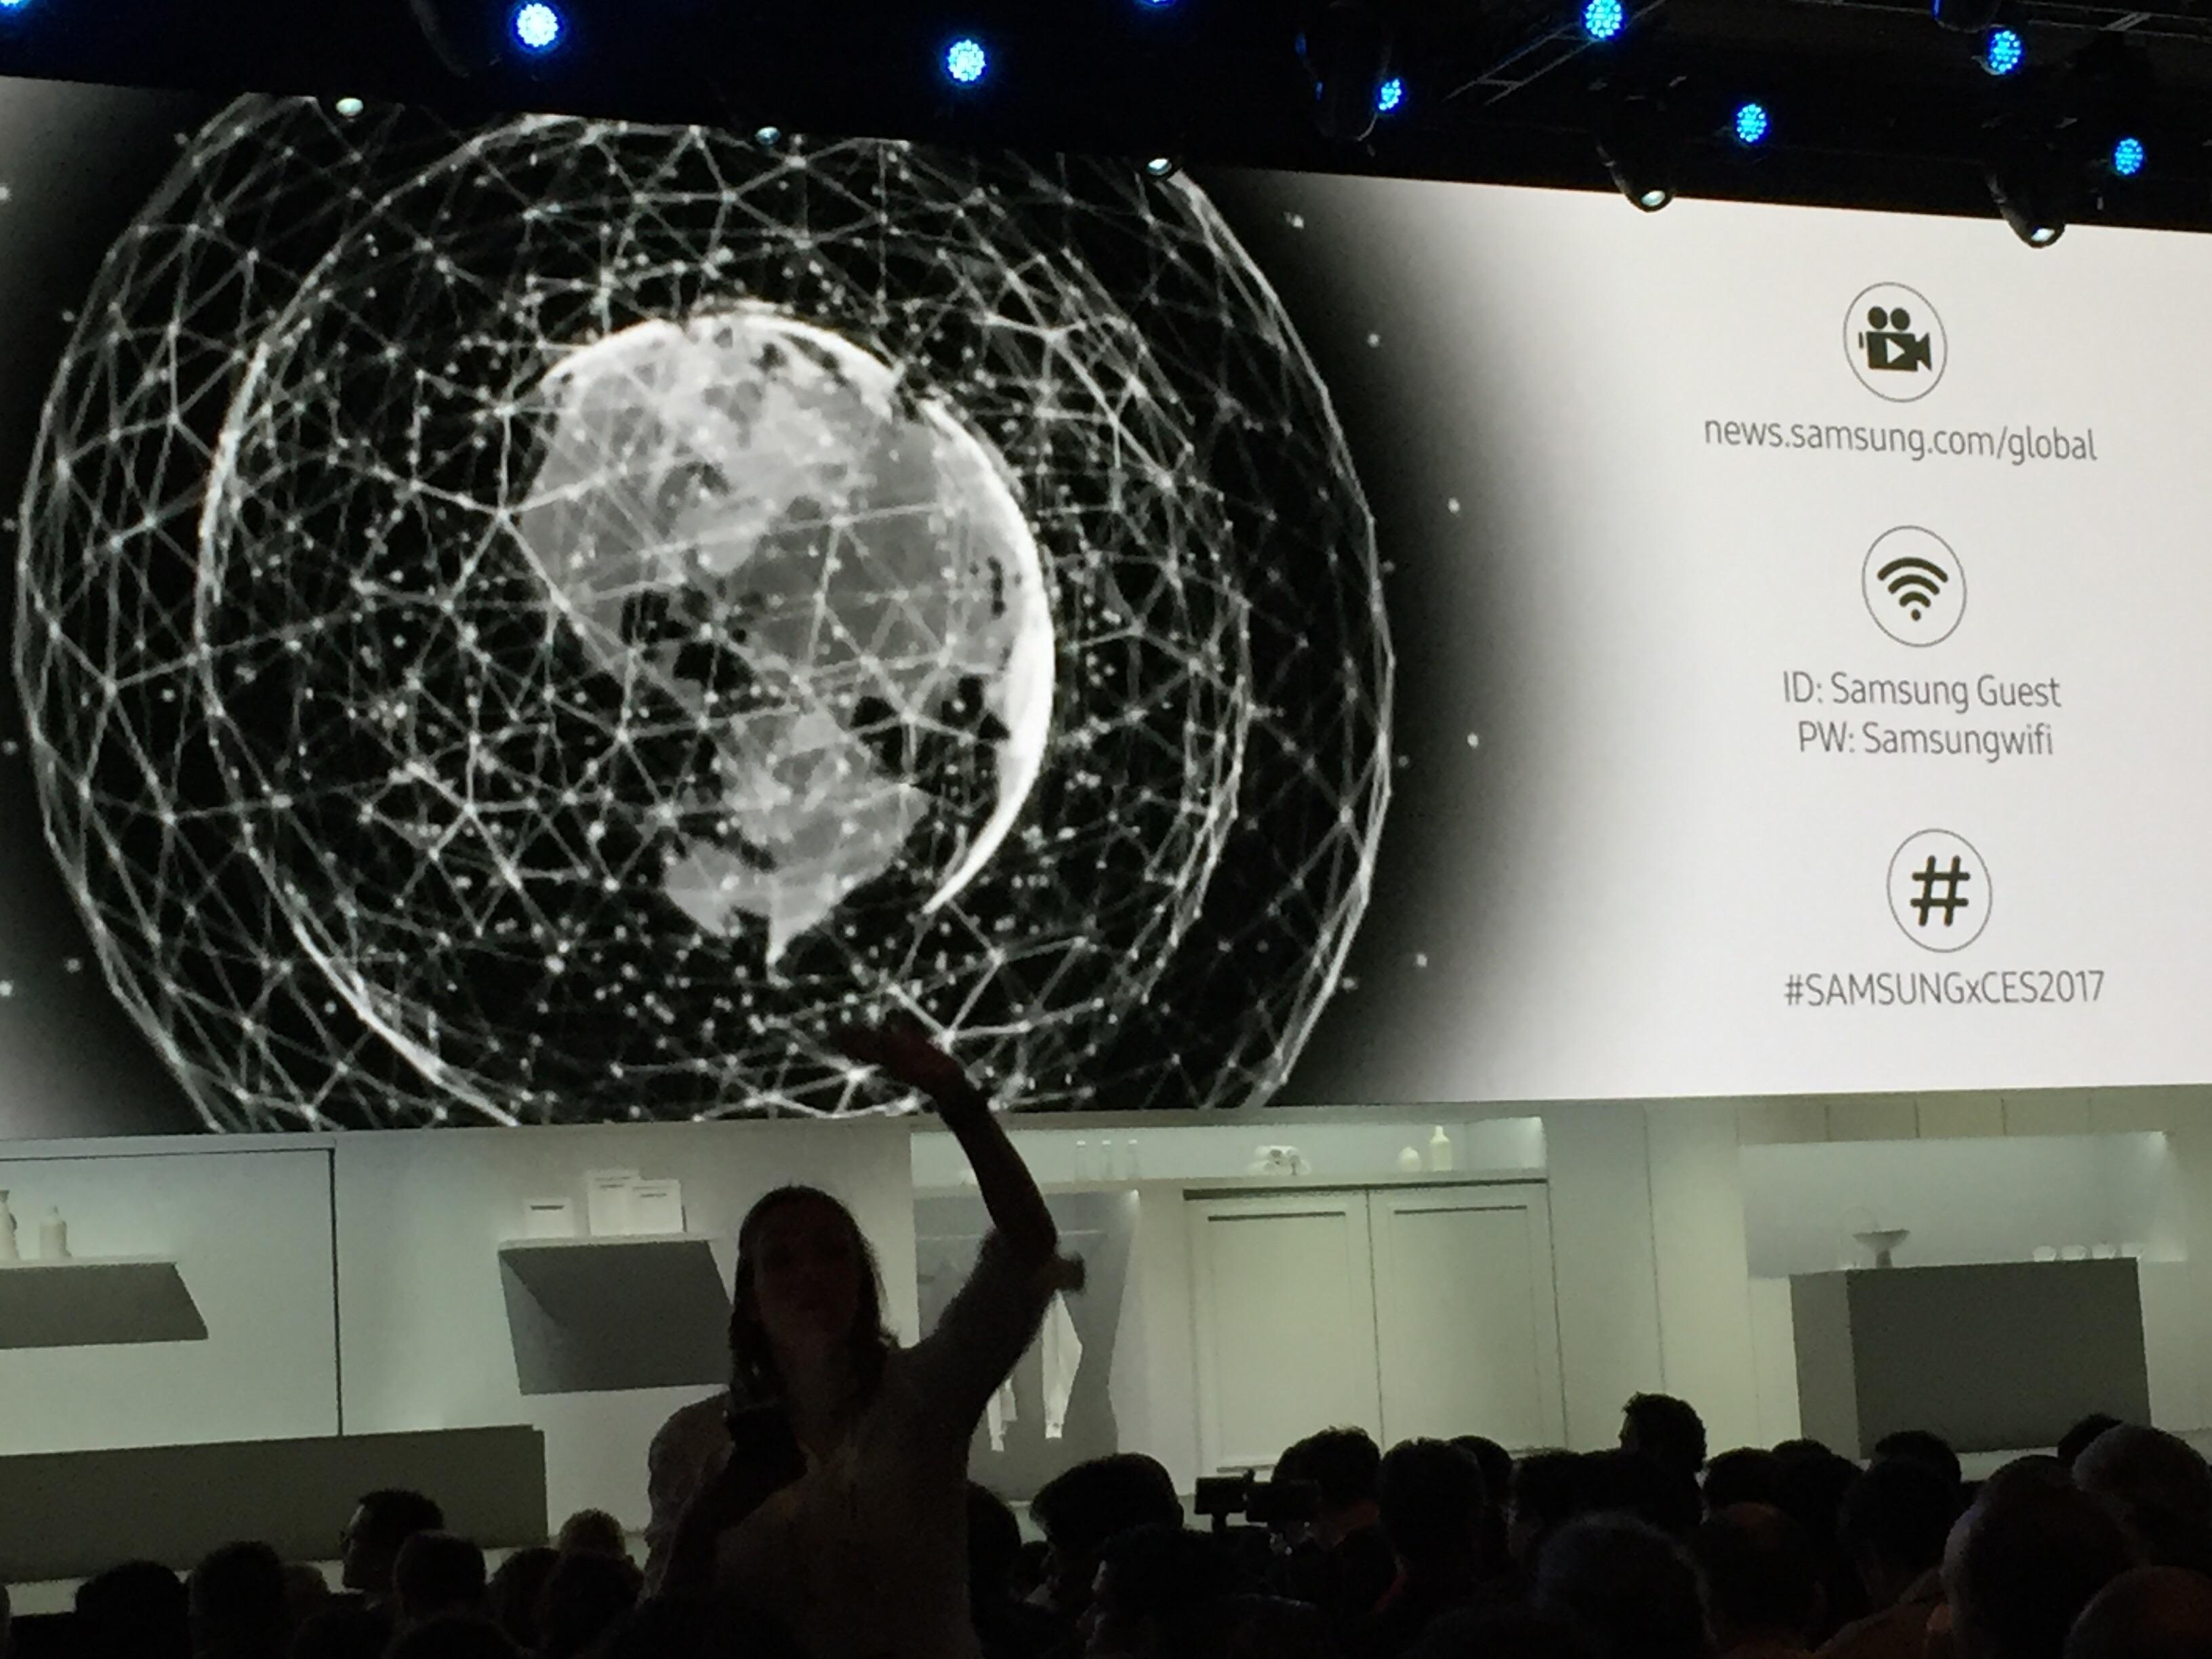 Samsung CES 2017 Event Live Blog